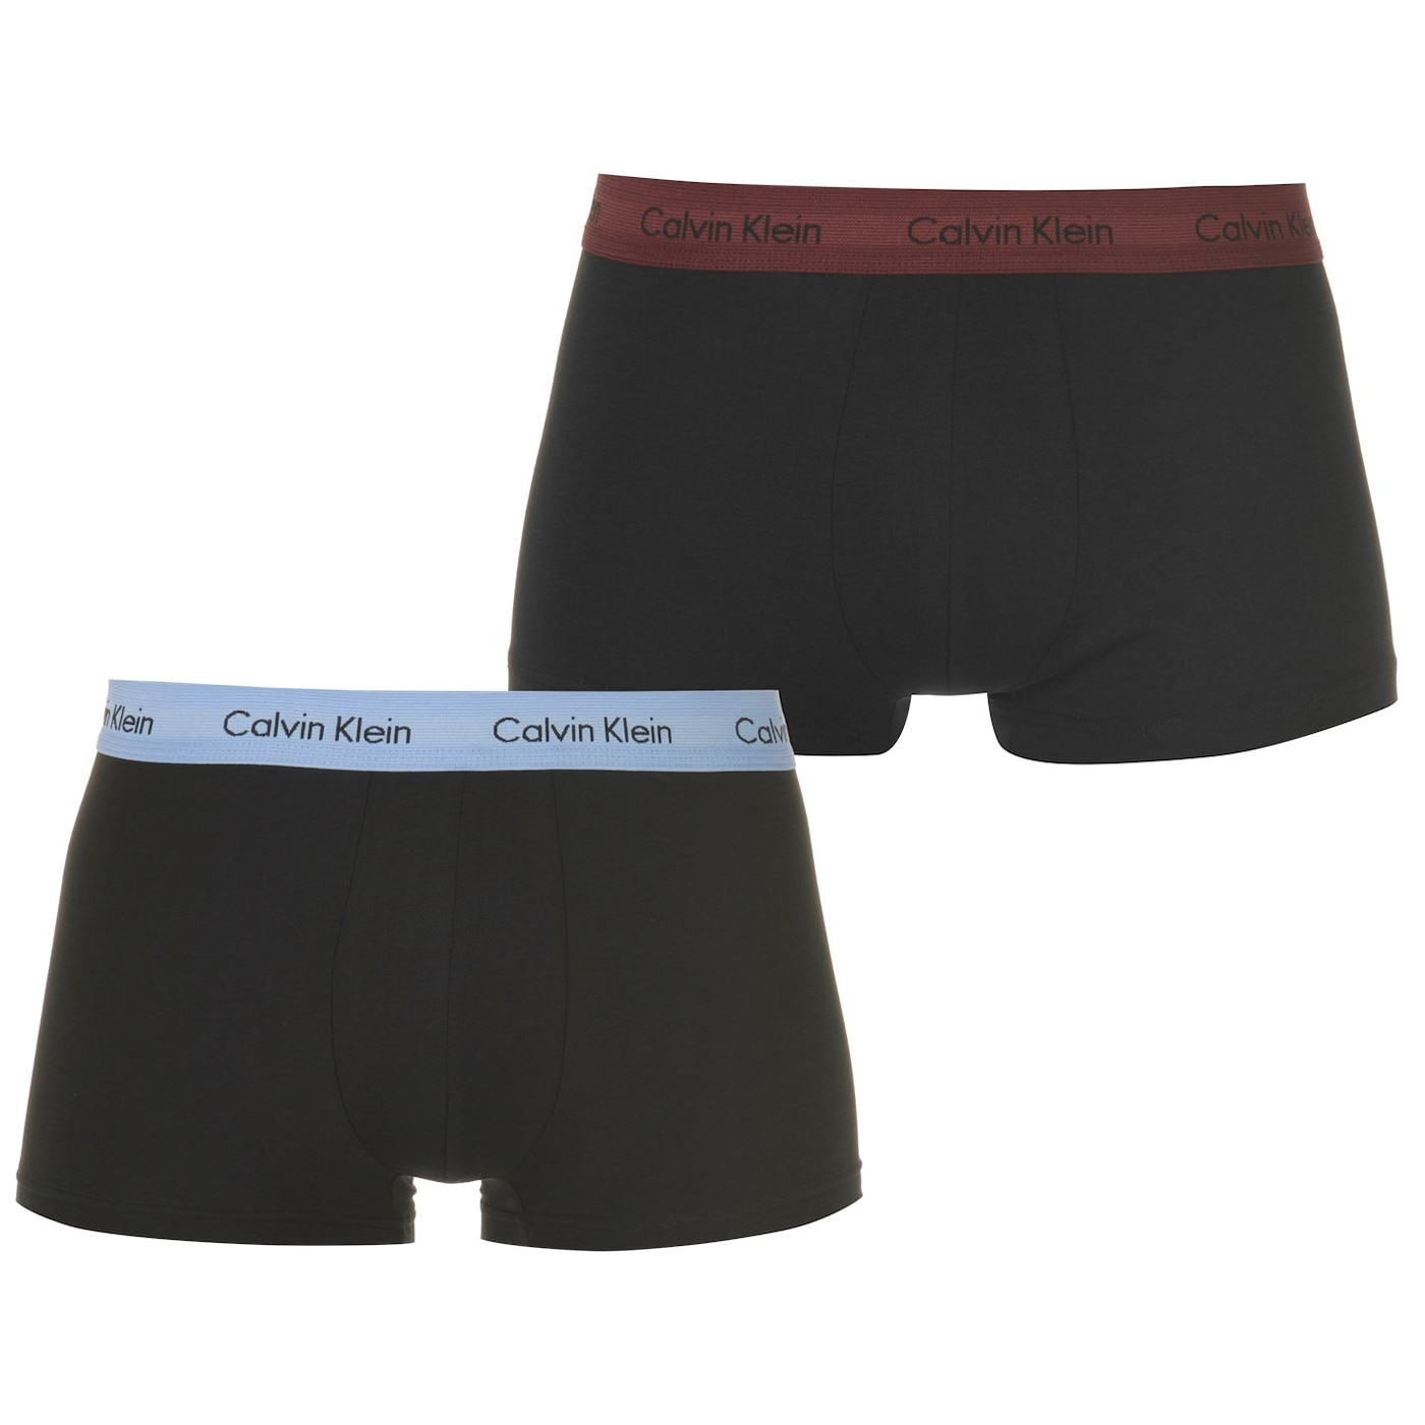 Calvin Klein pánské spodní prádlo 2 kusy